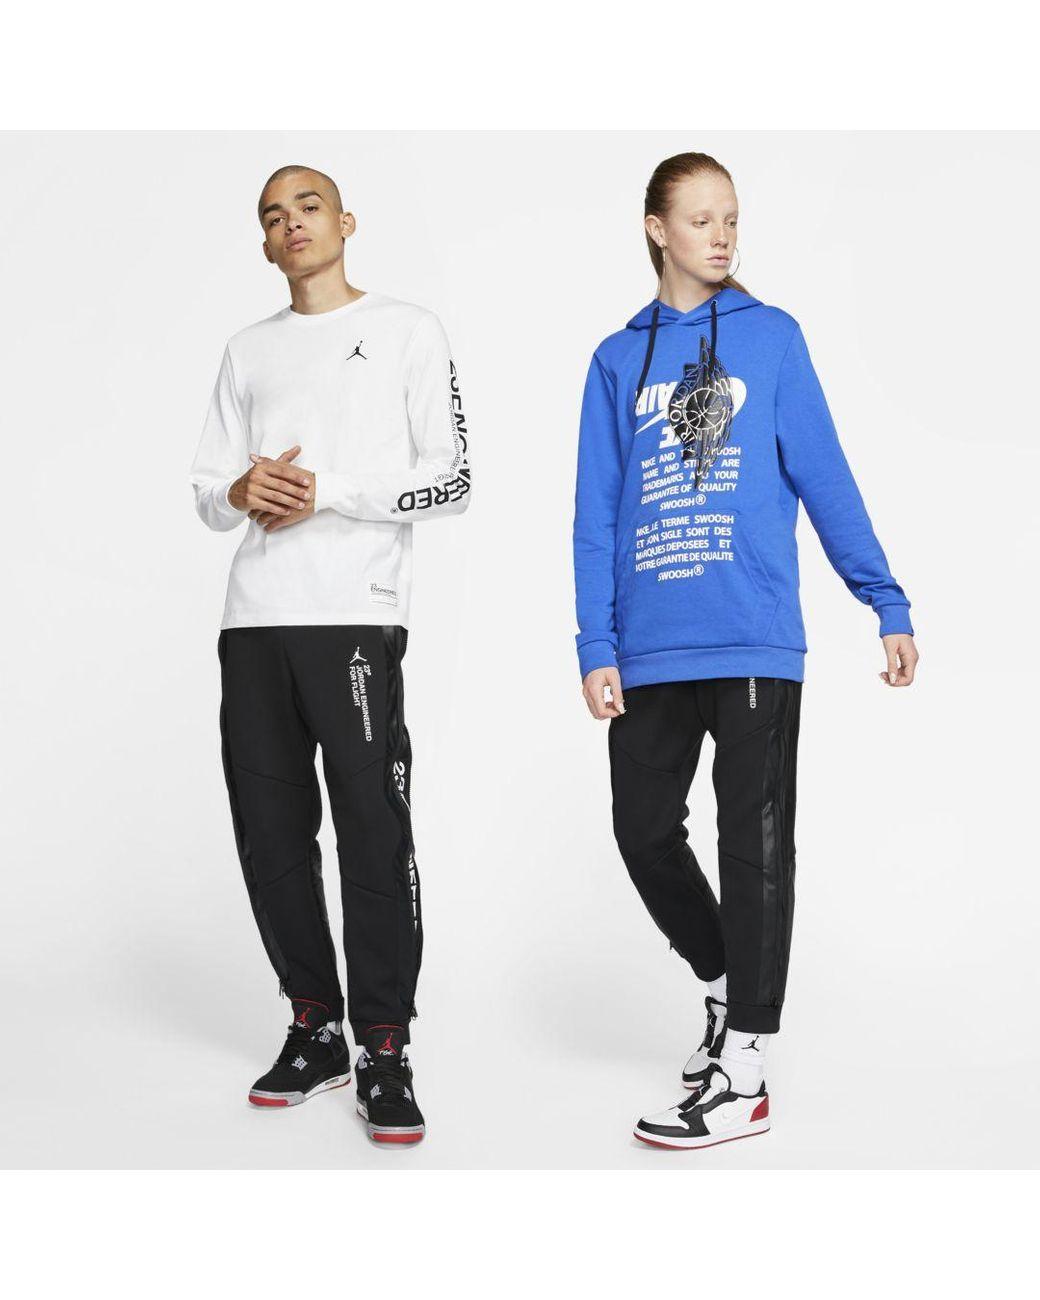 Jordan 3 Engineered Pants Black White | Footshop